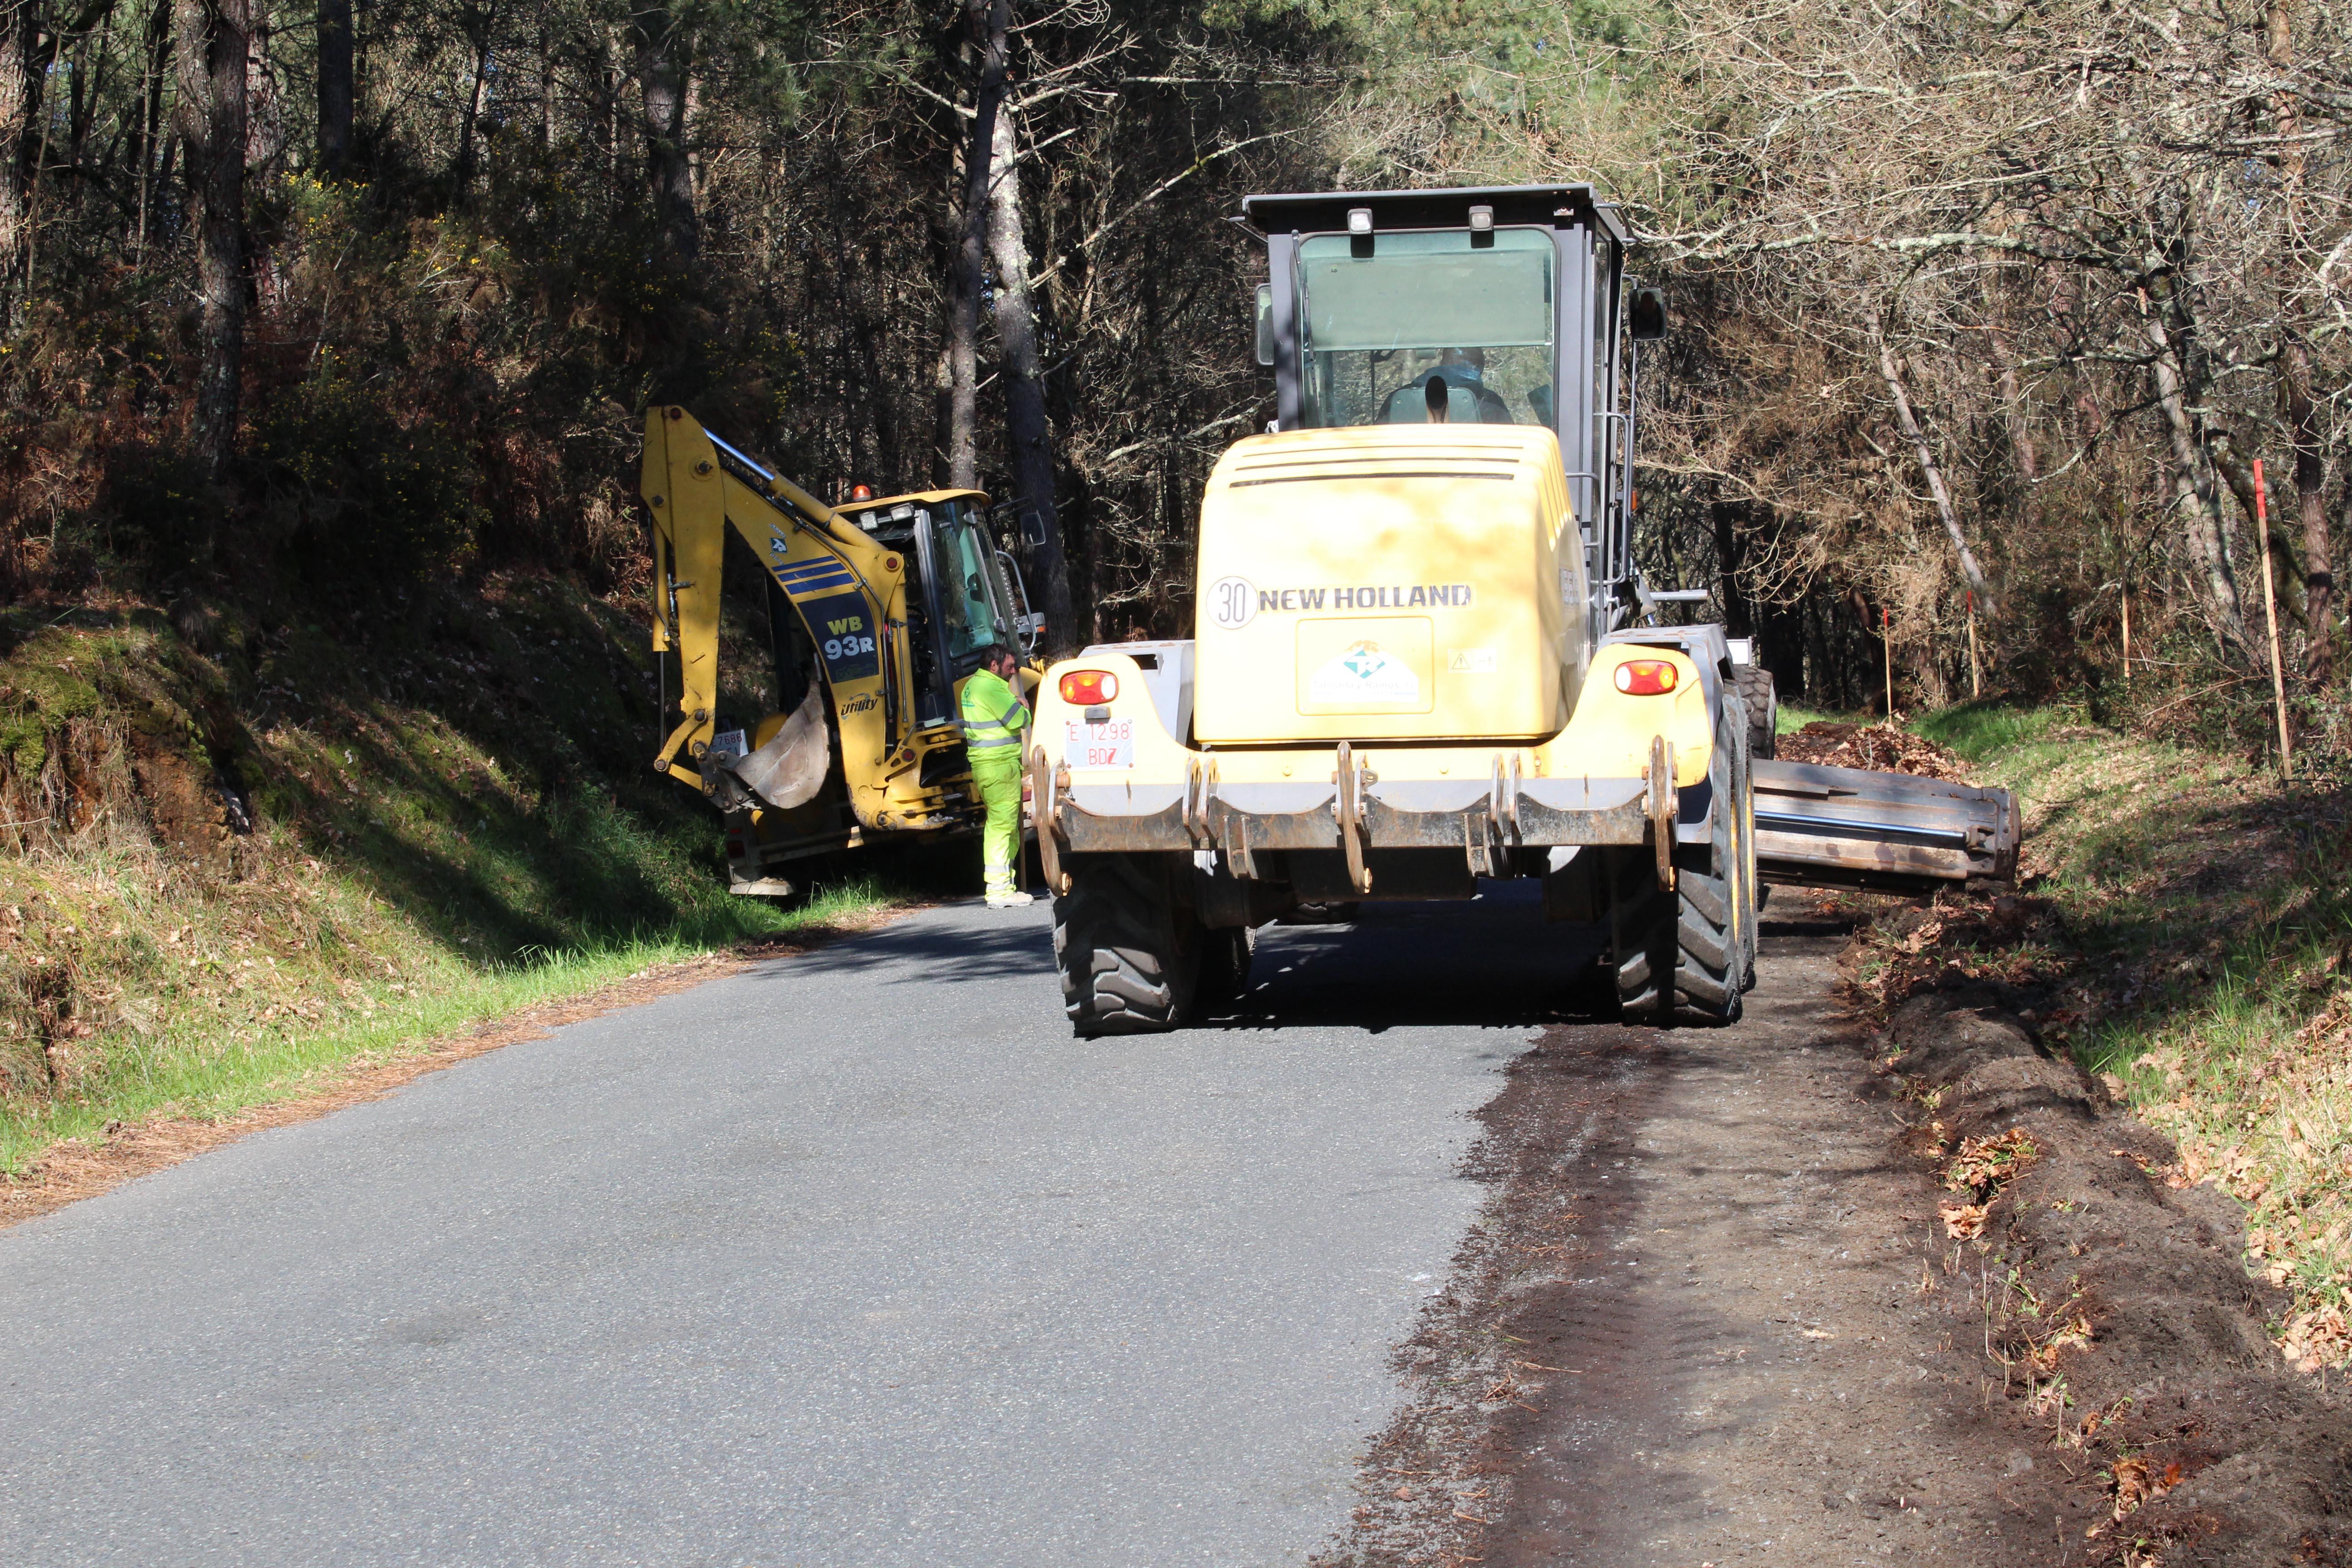 En marcha as obras de mellora do vial entre Piñeiro e Cira, cunha inversión de 300.000 €